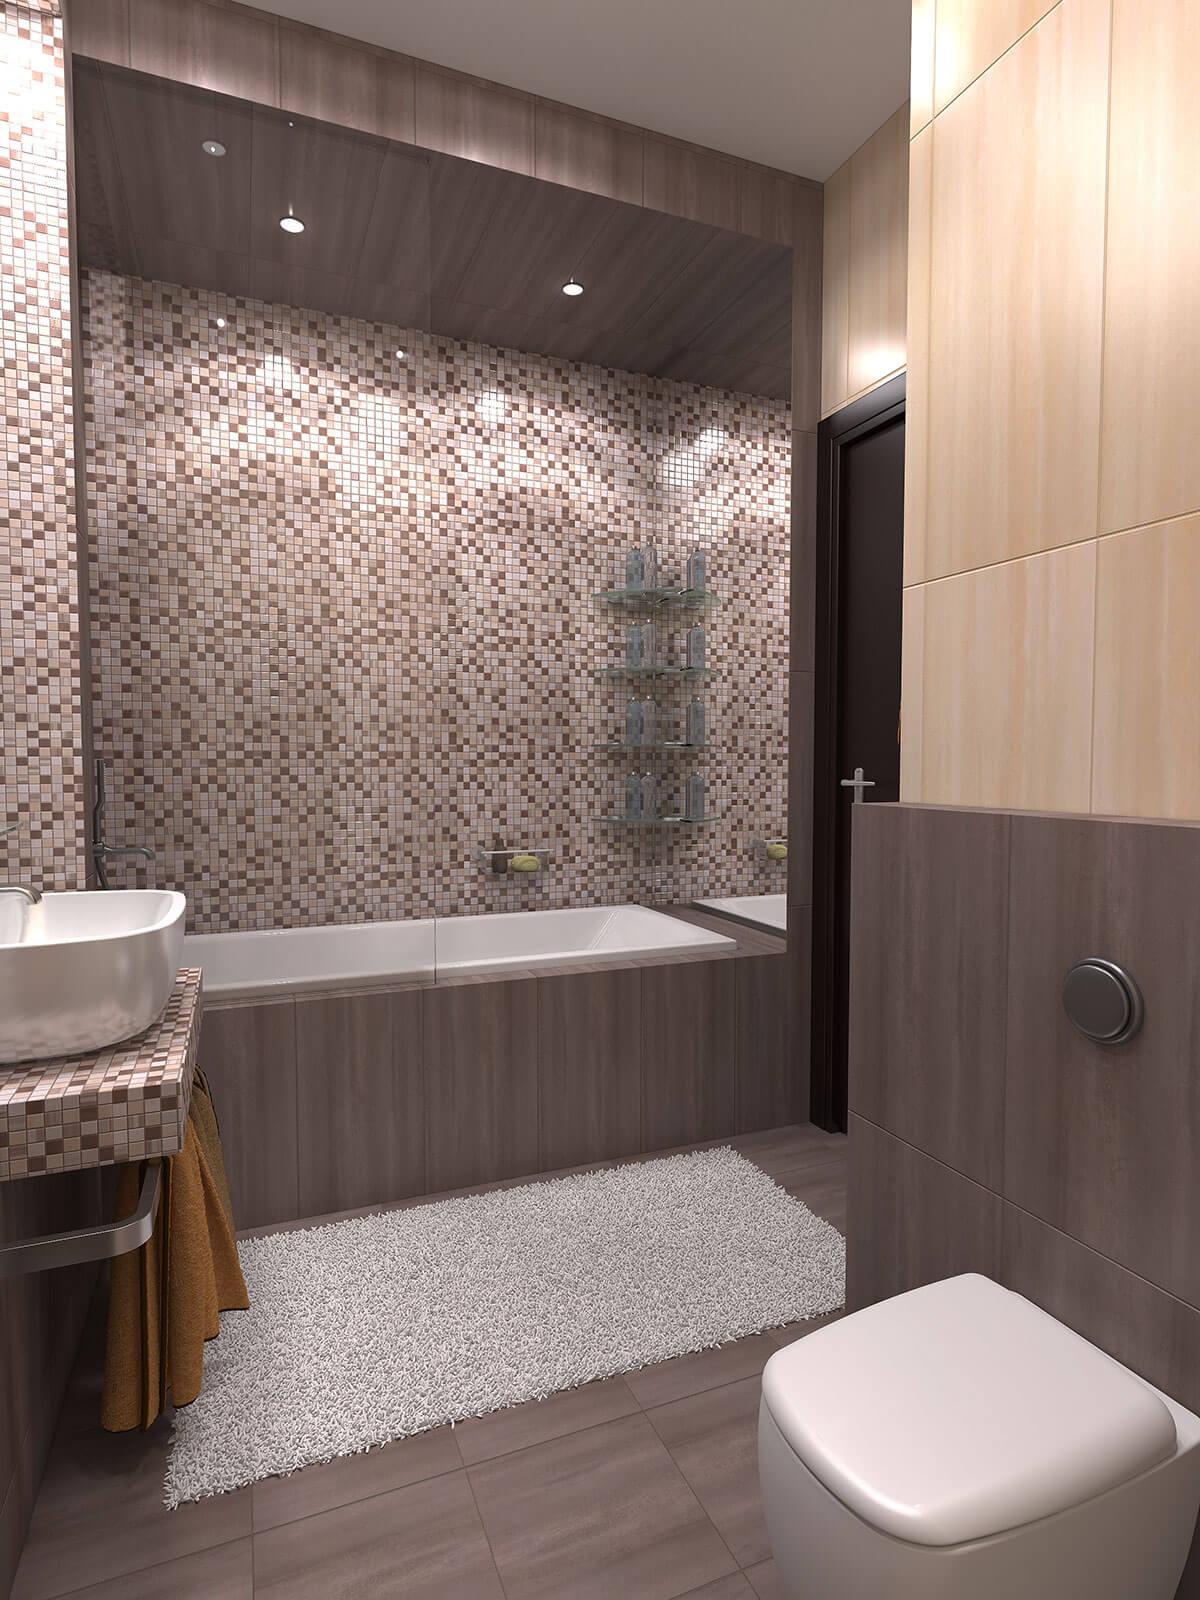 3D interior design, 3D visualization of the bathroom, 3D modeling, London, UK.